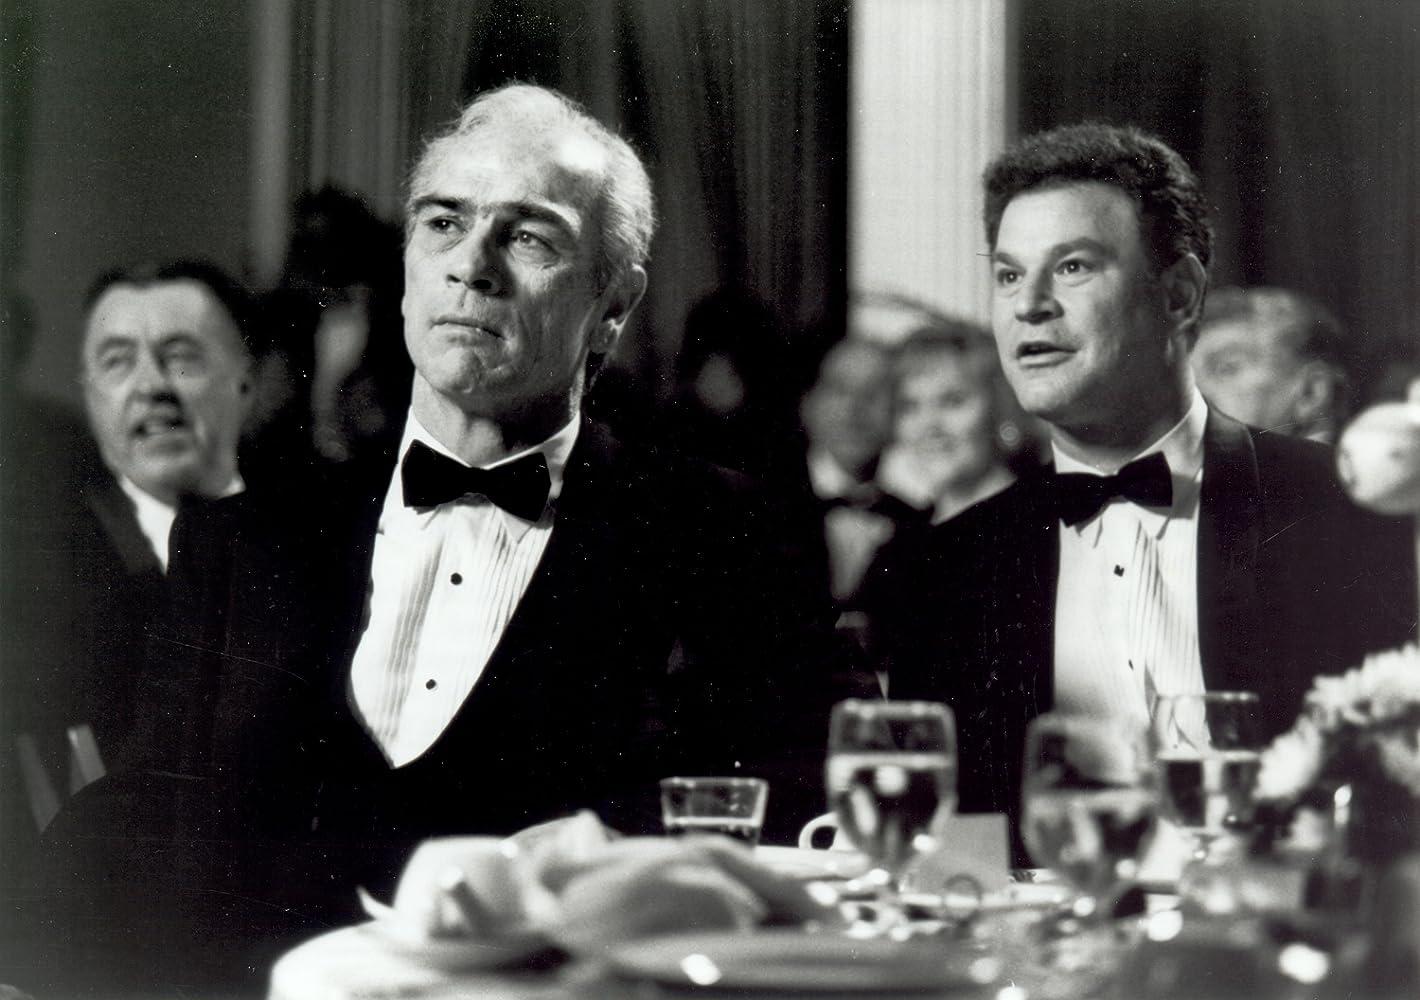 Tommy Lee Jones and Robert Wuhl in Cobb (1994)